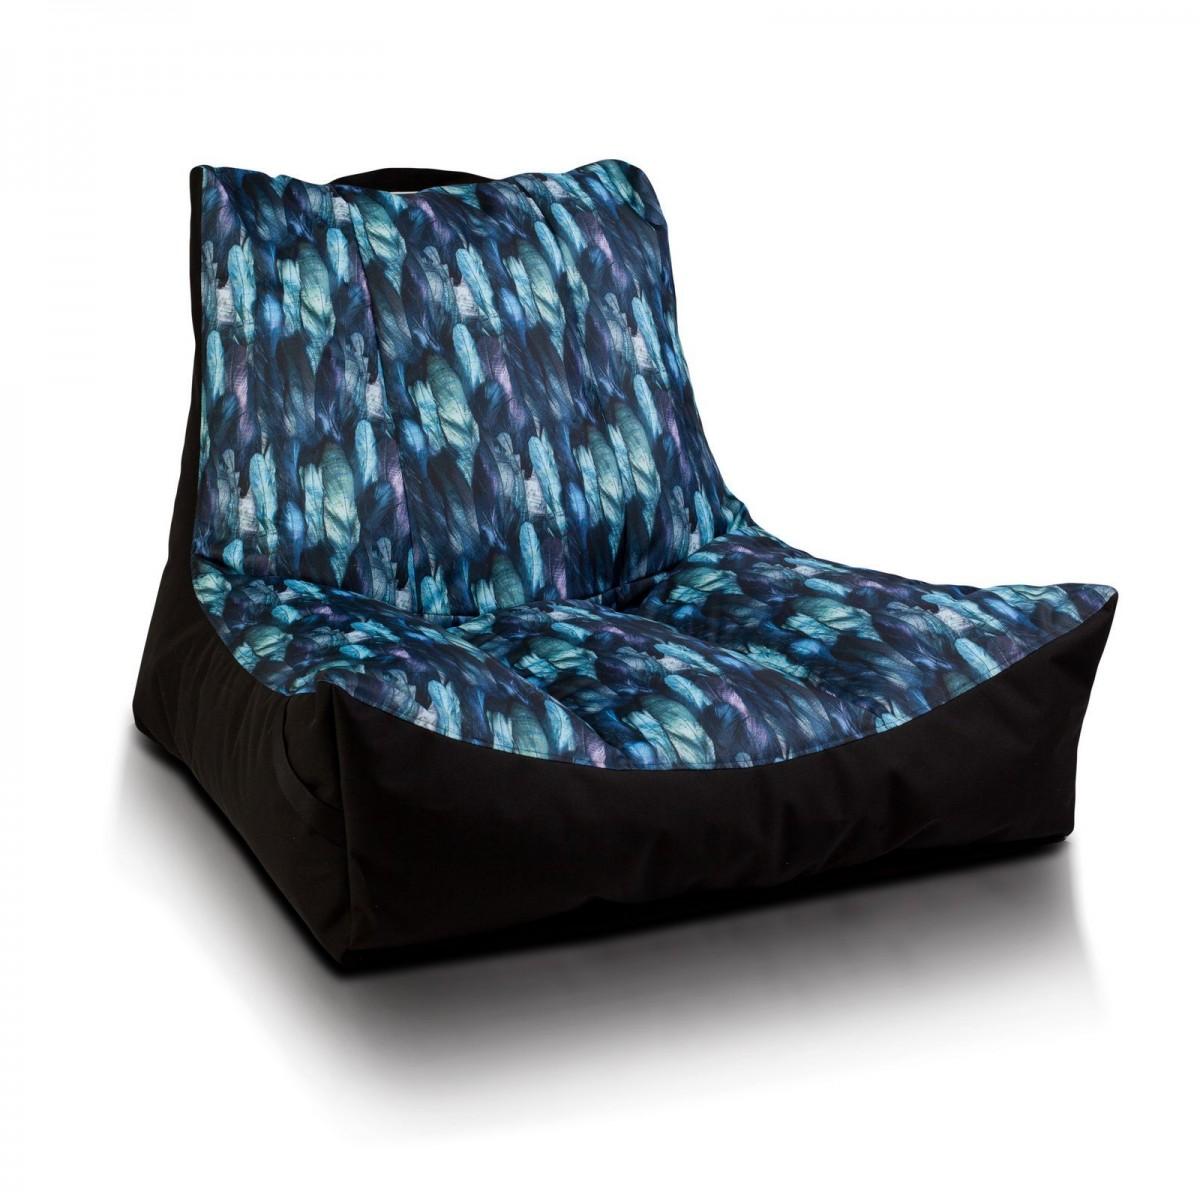 Fotel Fabio Modern Outdoor